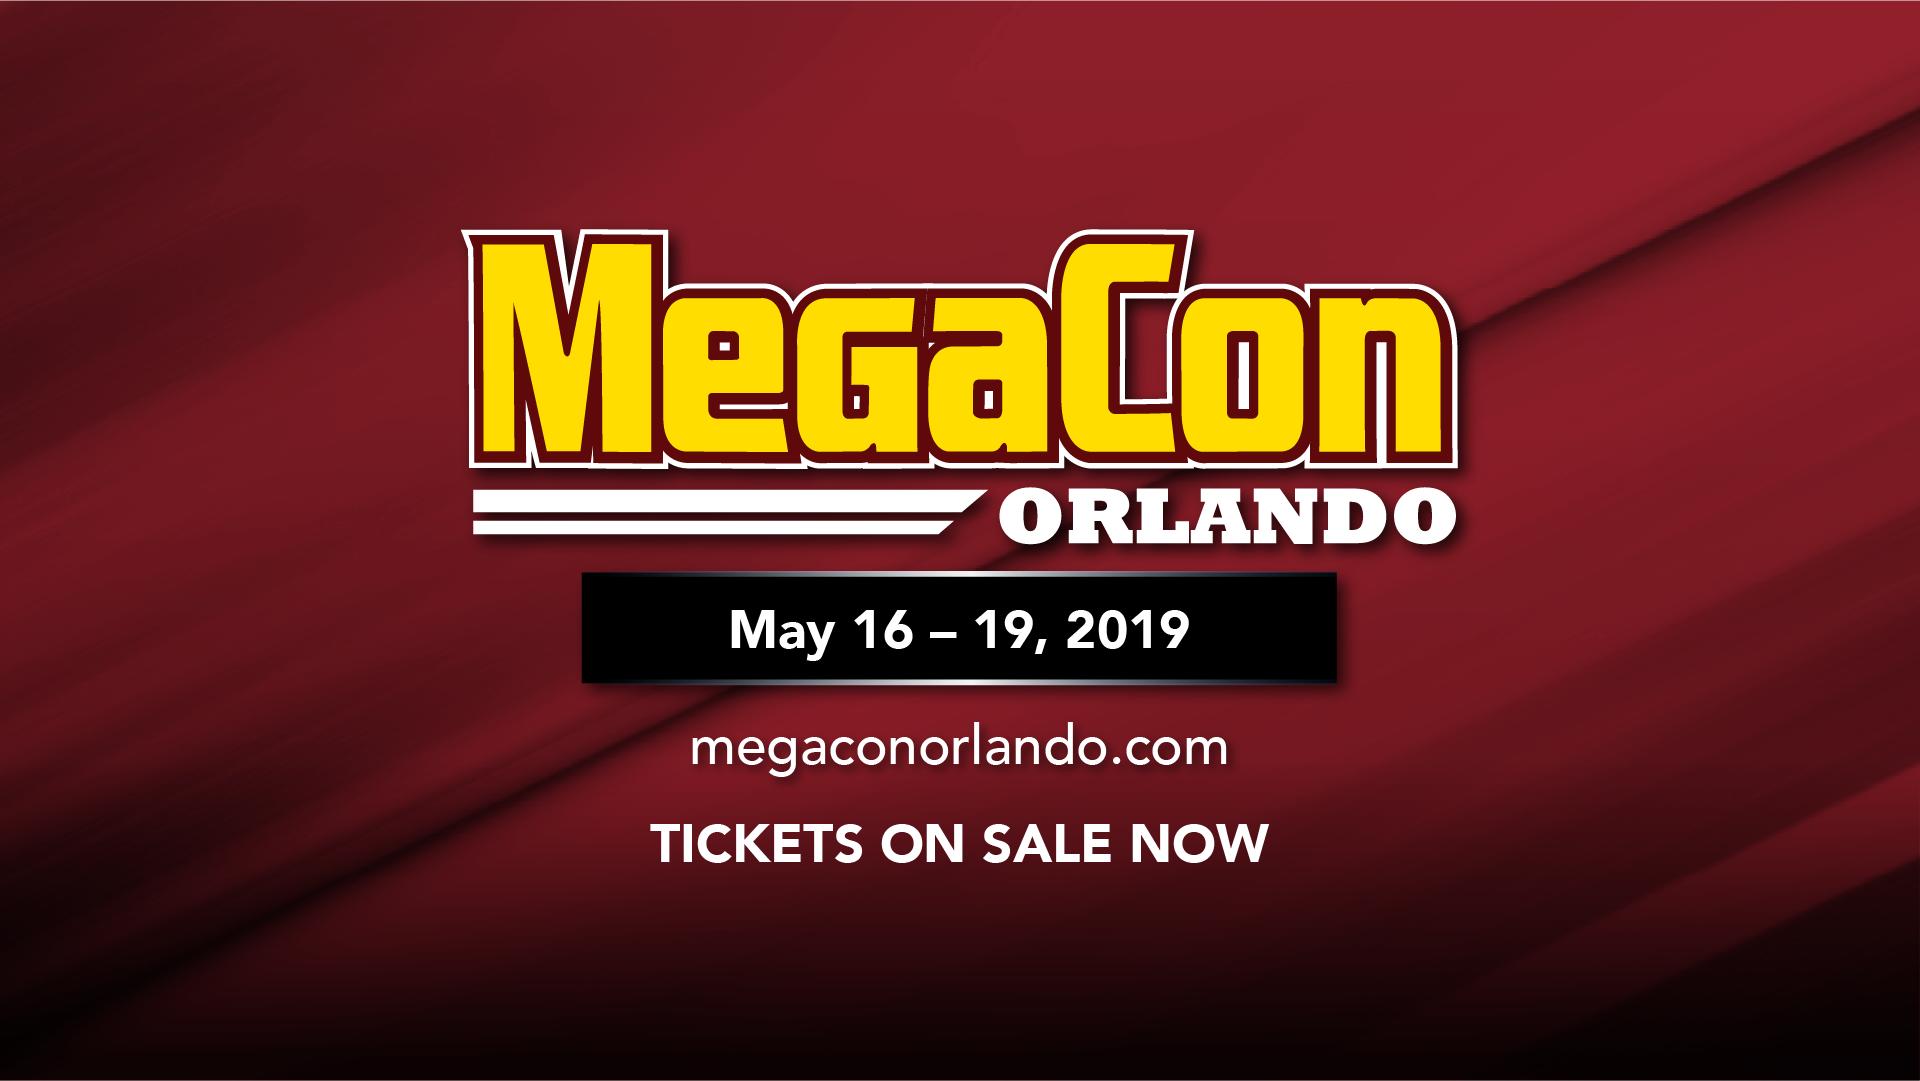 MegaCon Orlando 2019 – A maior feira GEEK do Sudeste Norte Americano.